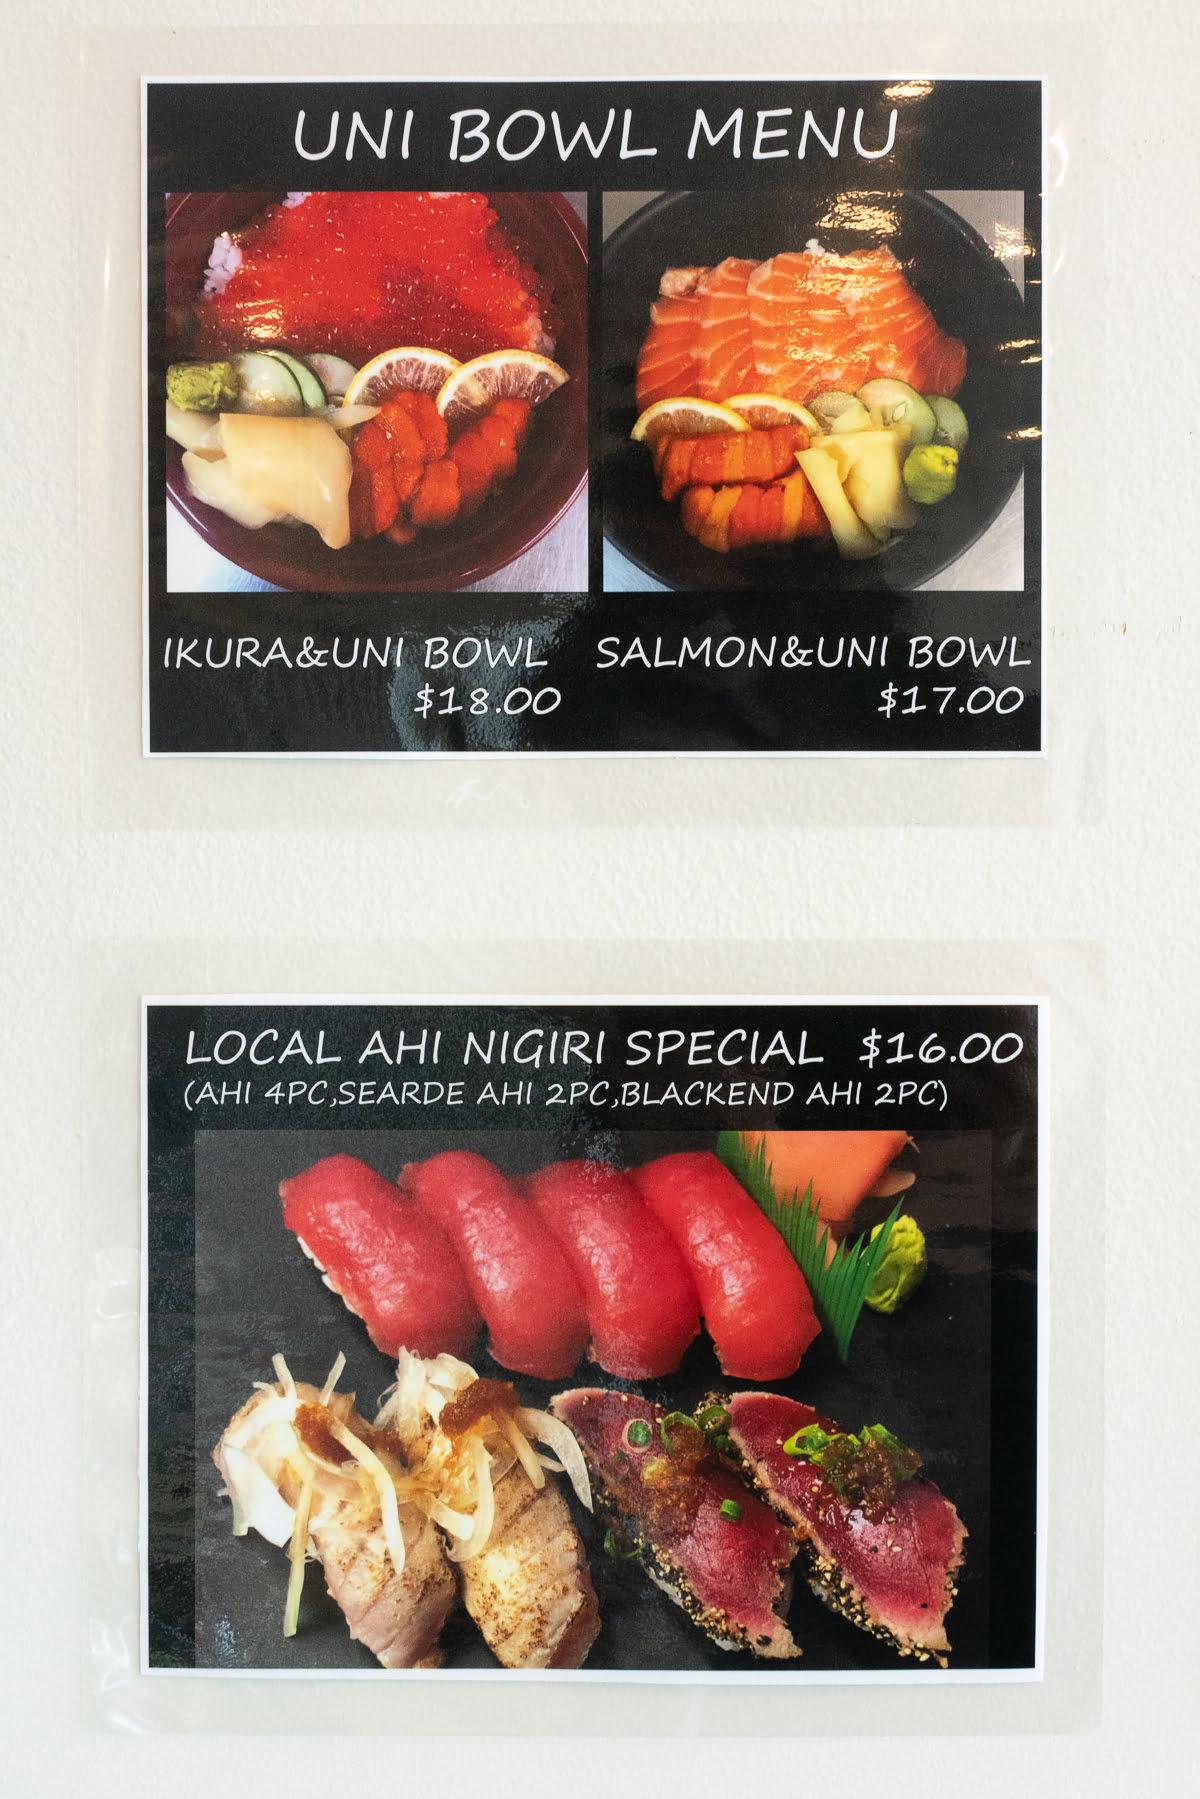 Part of the menu at Hawaii Sushi.